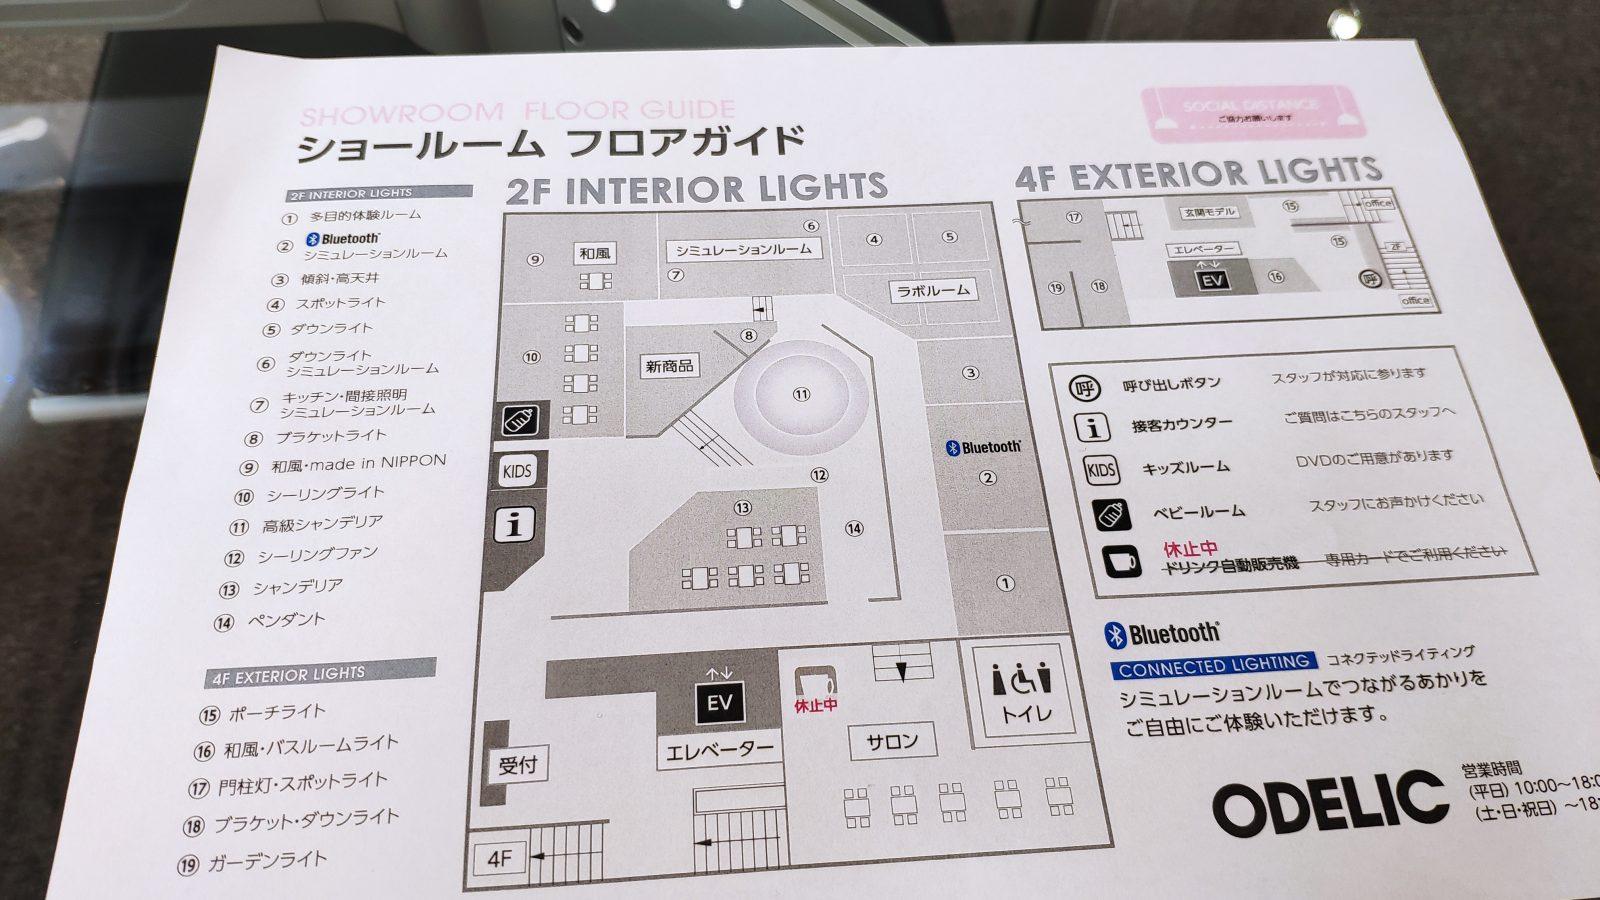 オーデリック東京ショールームのフロアガイド